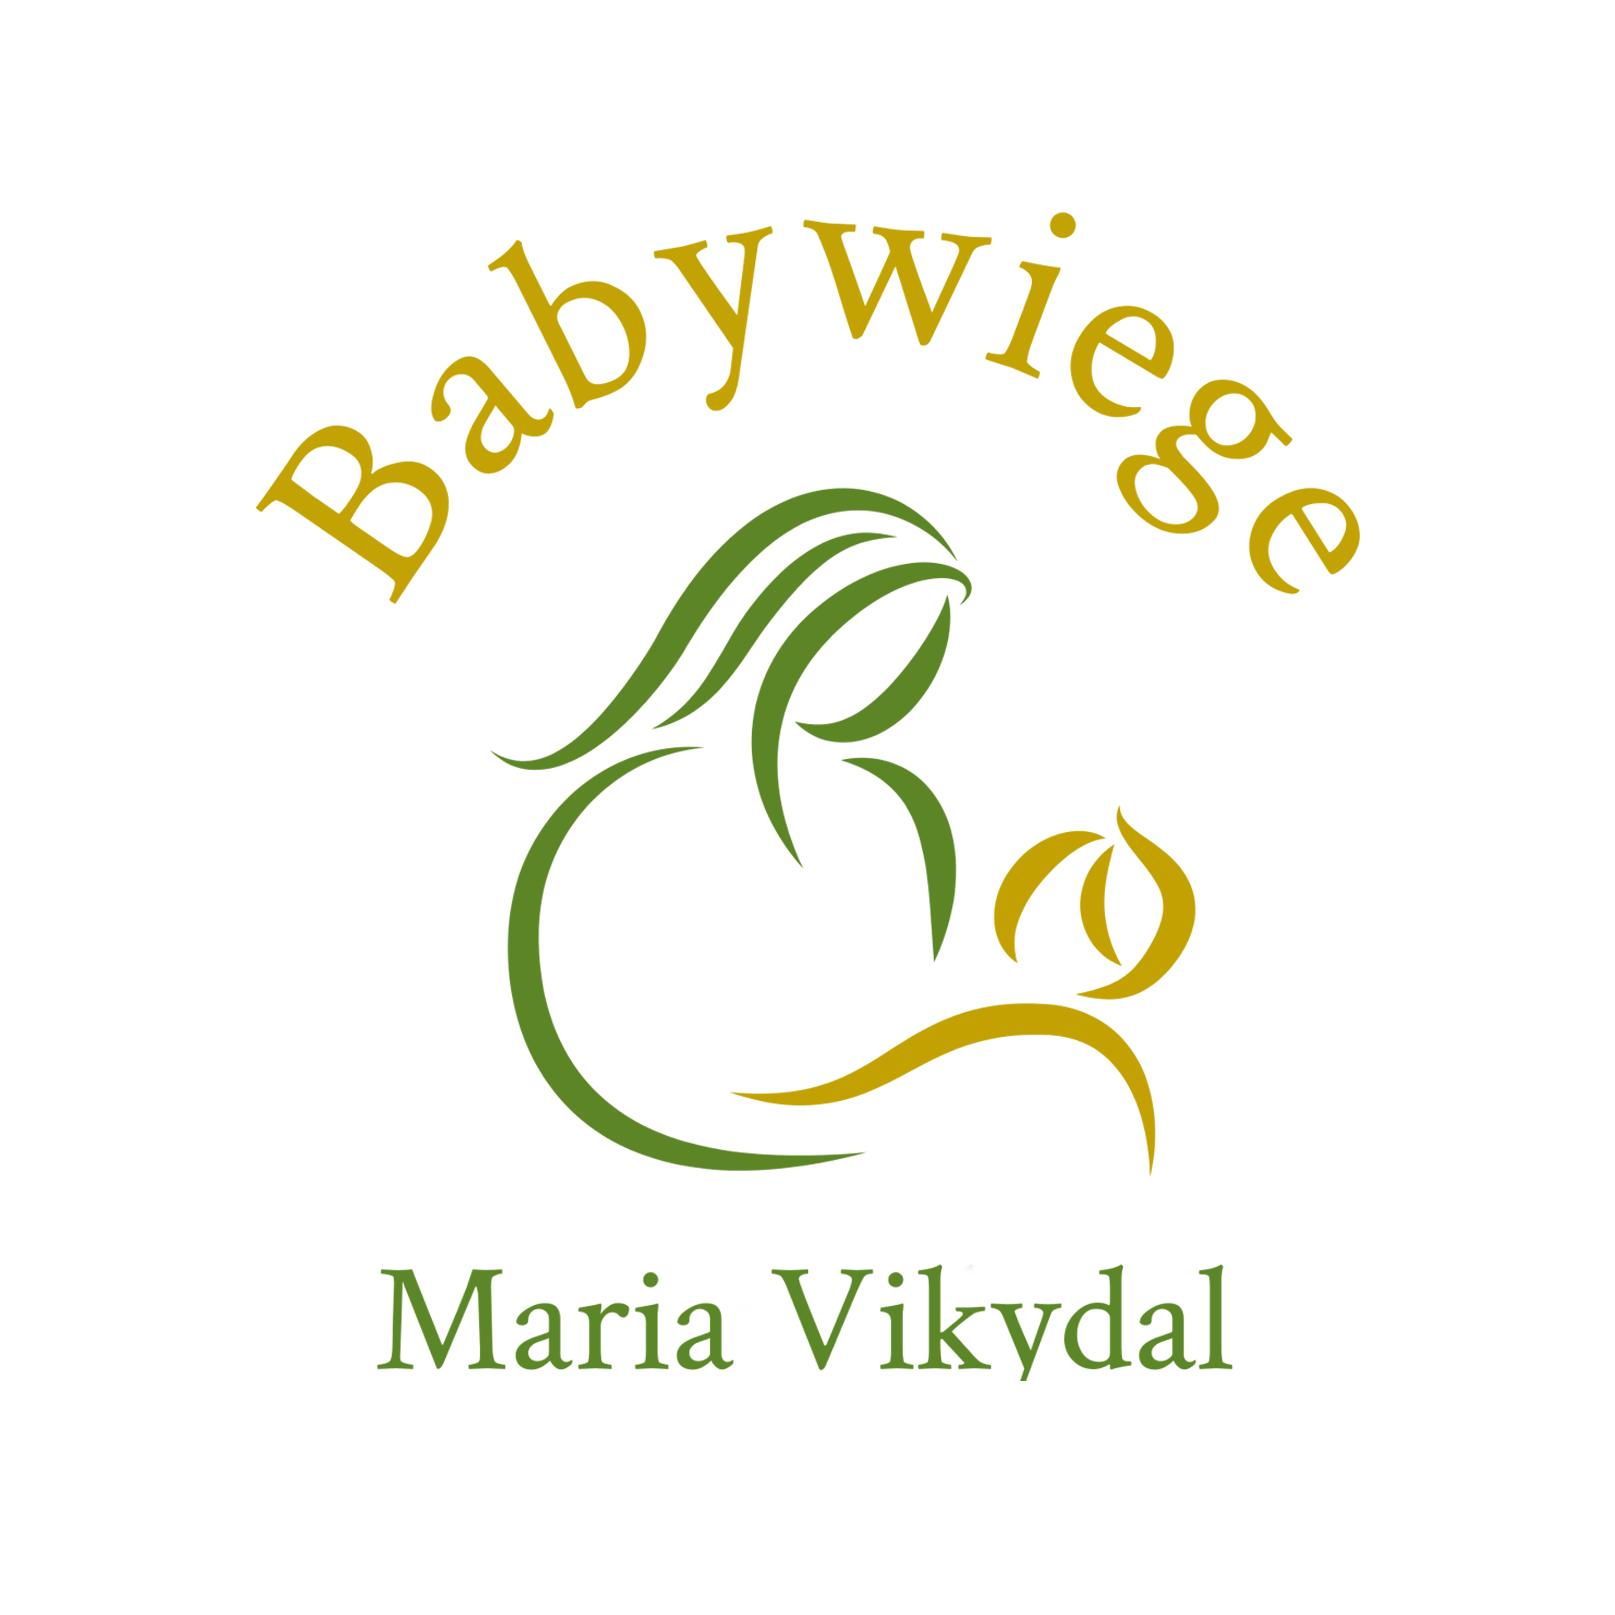 Babywiege Maria Vikydal